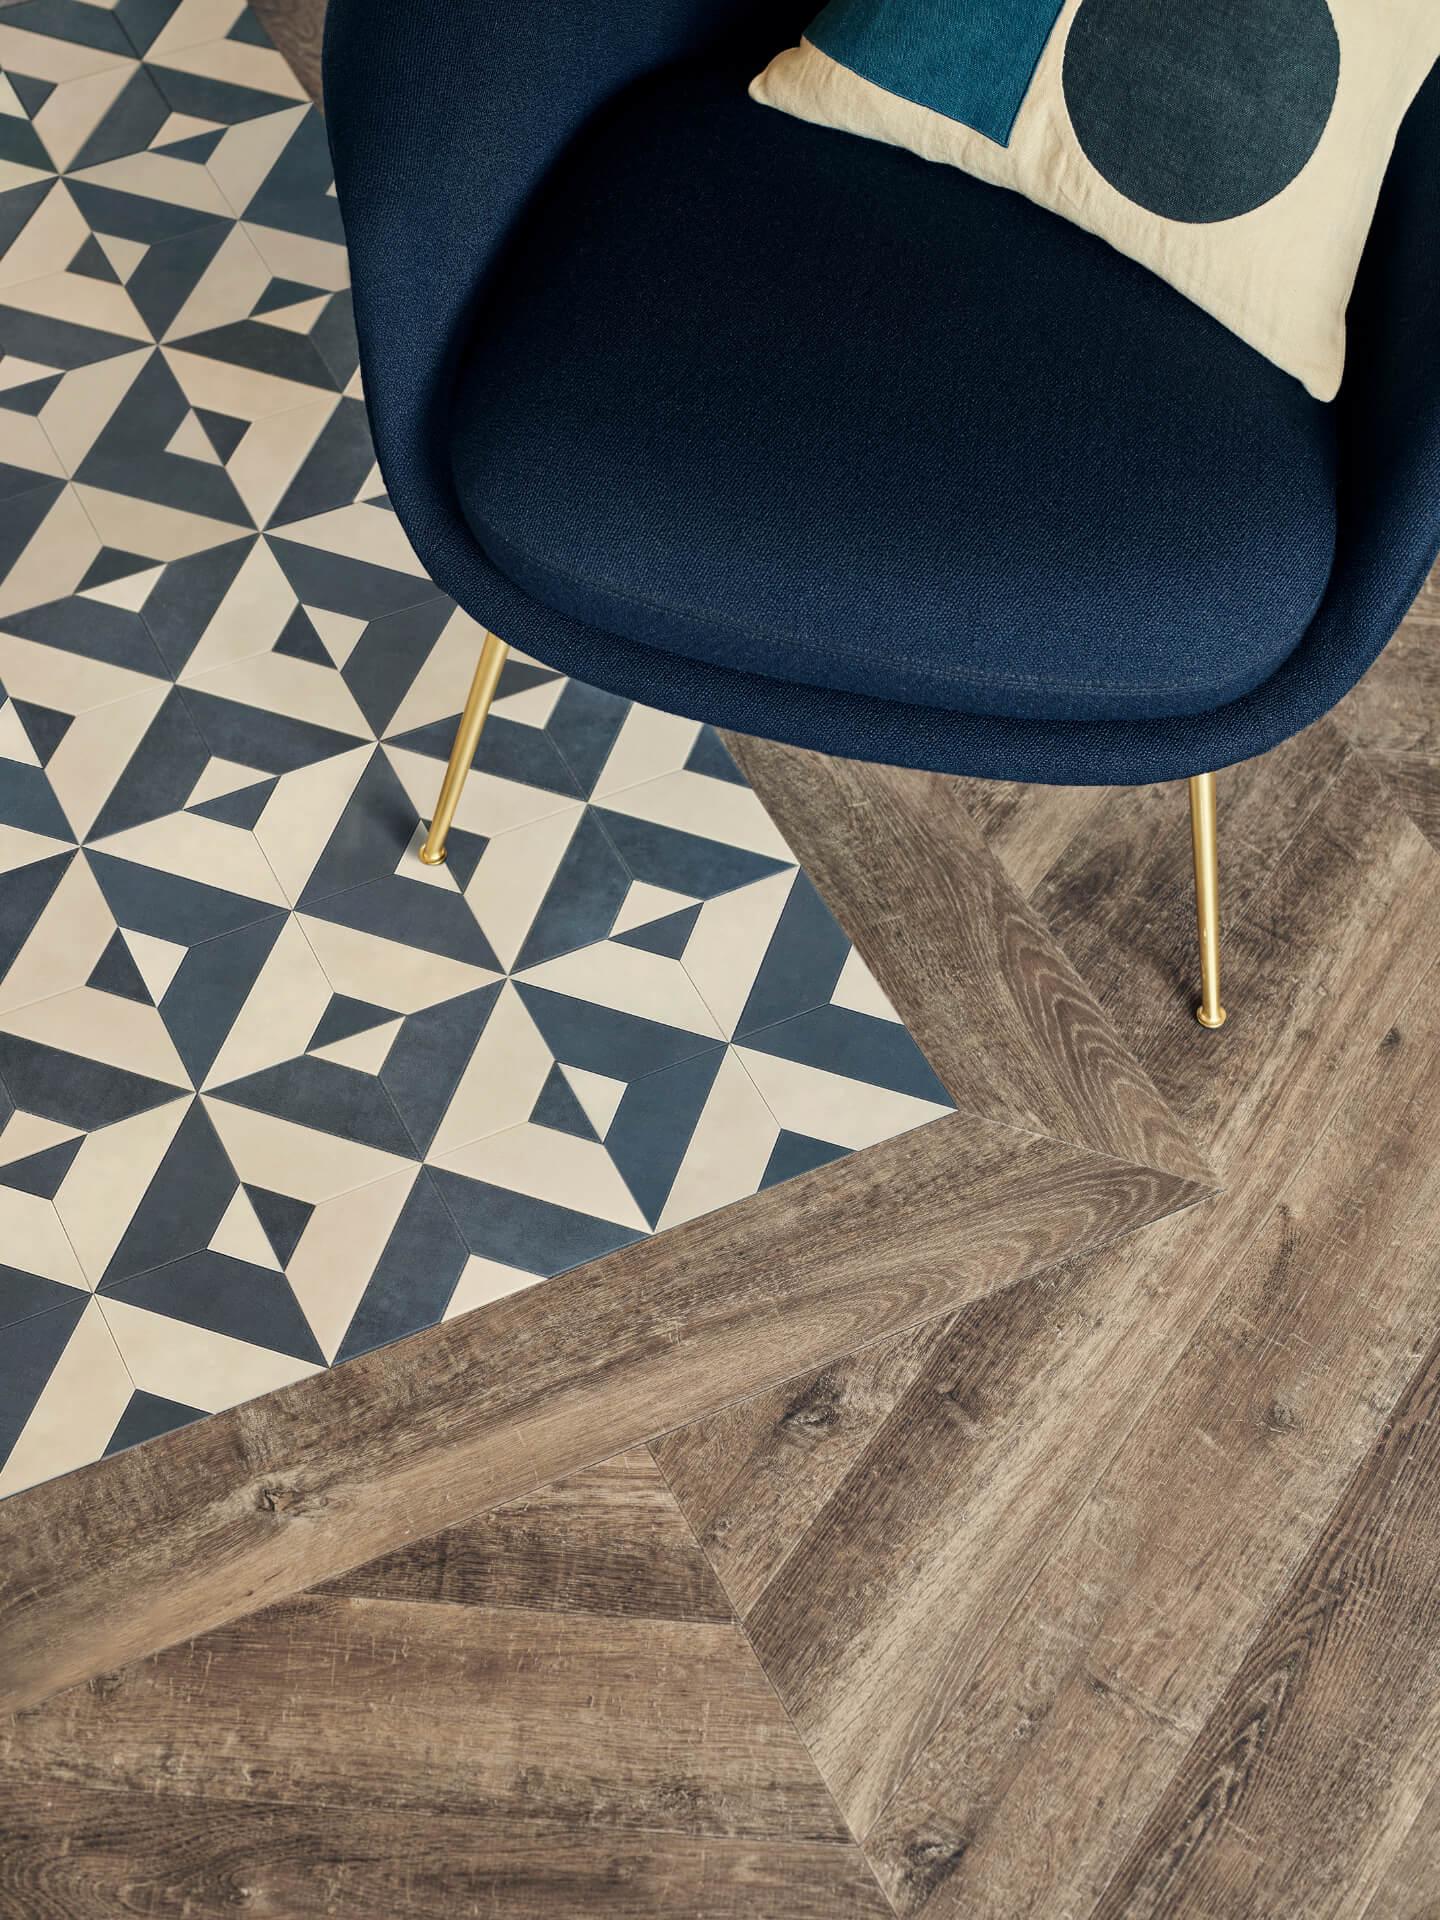 Amtico Signature Combinations Flooring